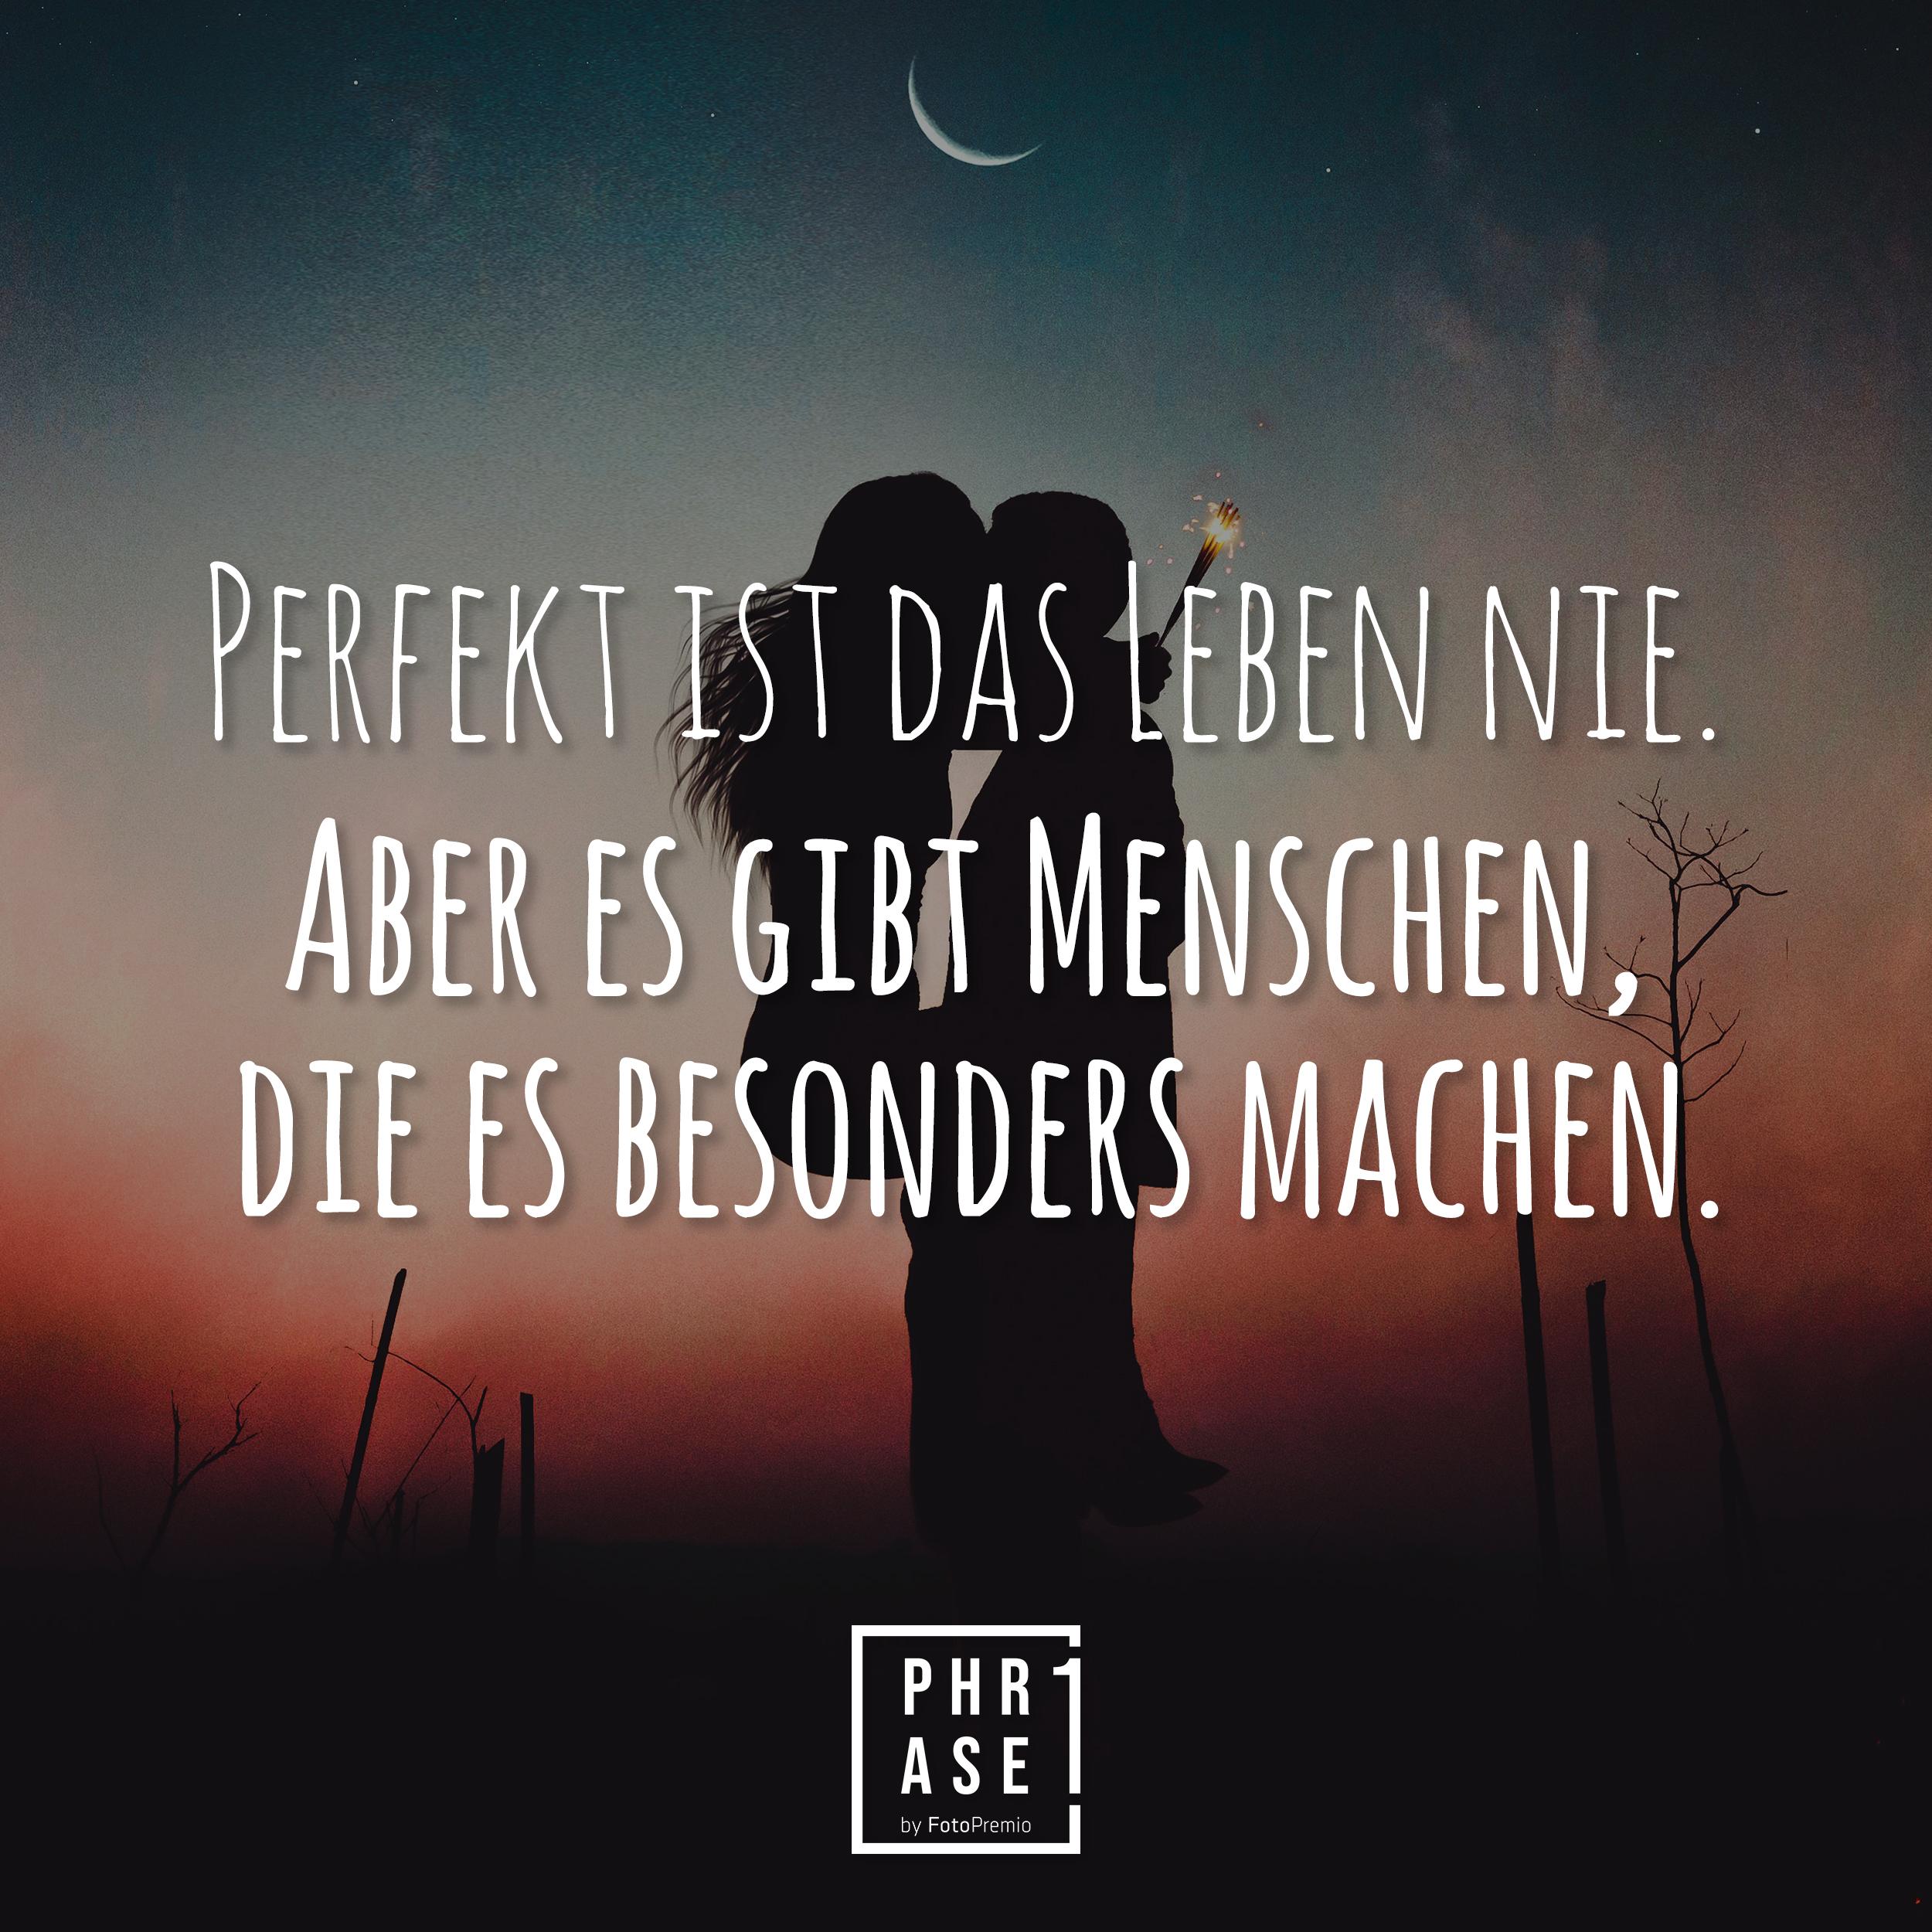 Perfekt ist das Leben nie. Aber es gibt Menschen, die es besonders machen.